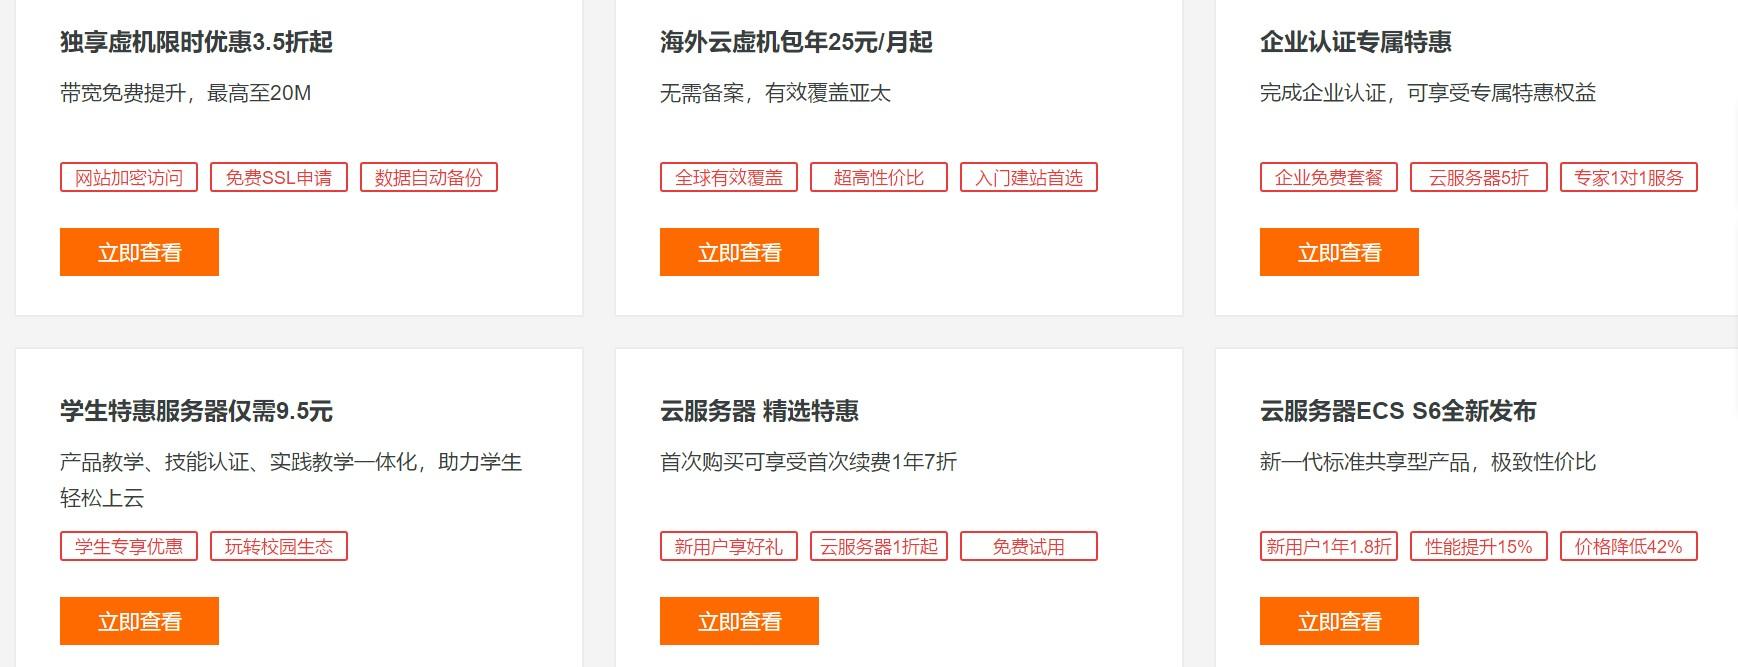 阿里云官网2020年8-9月活动